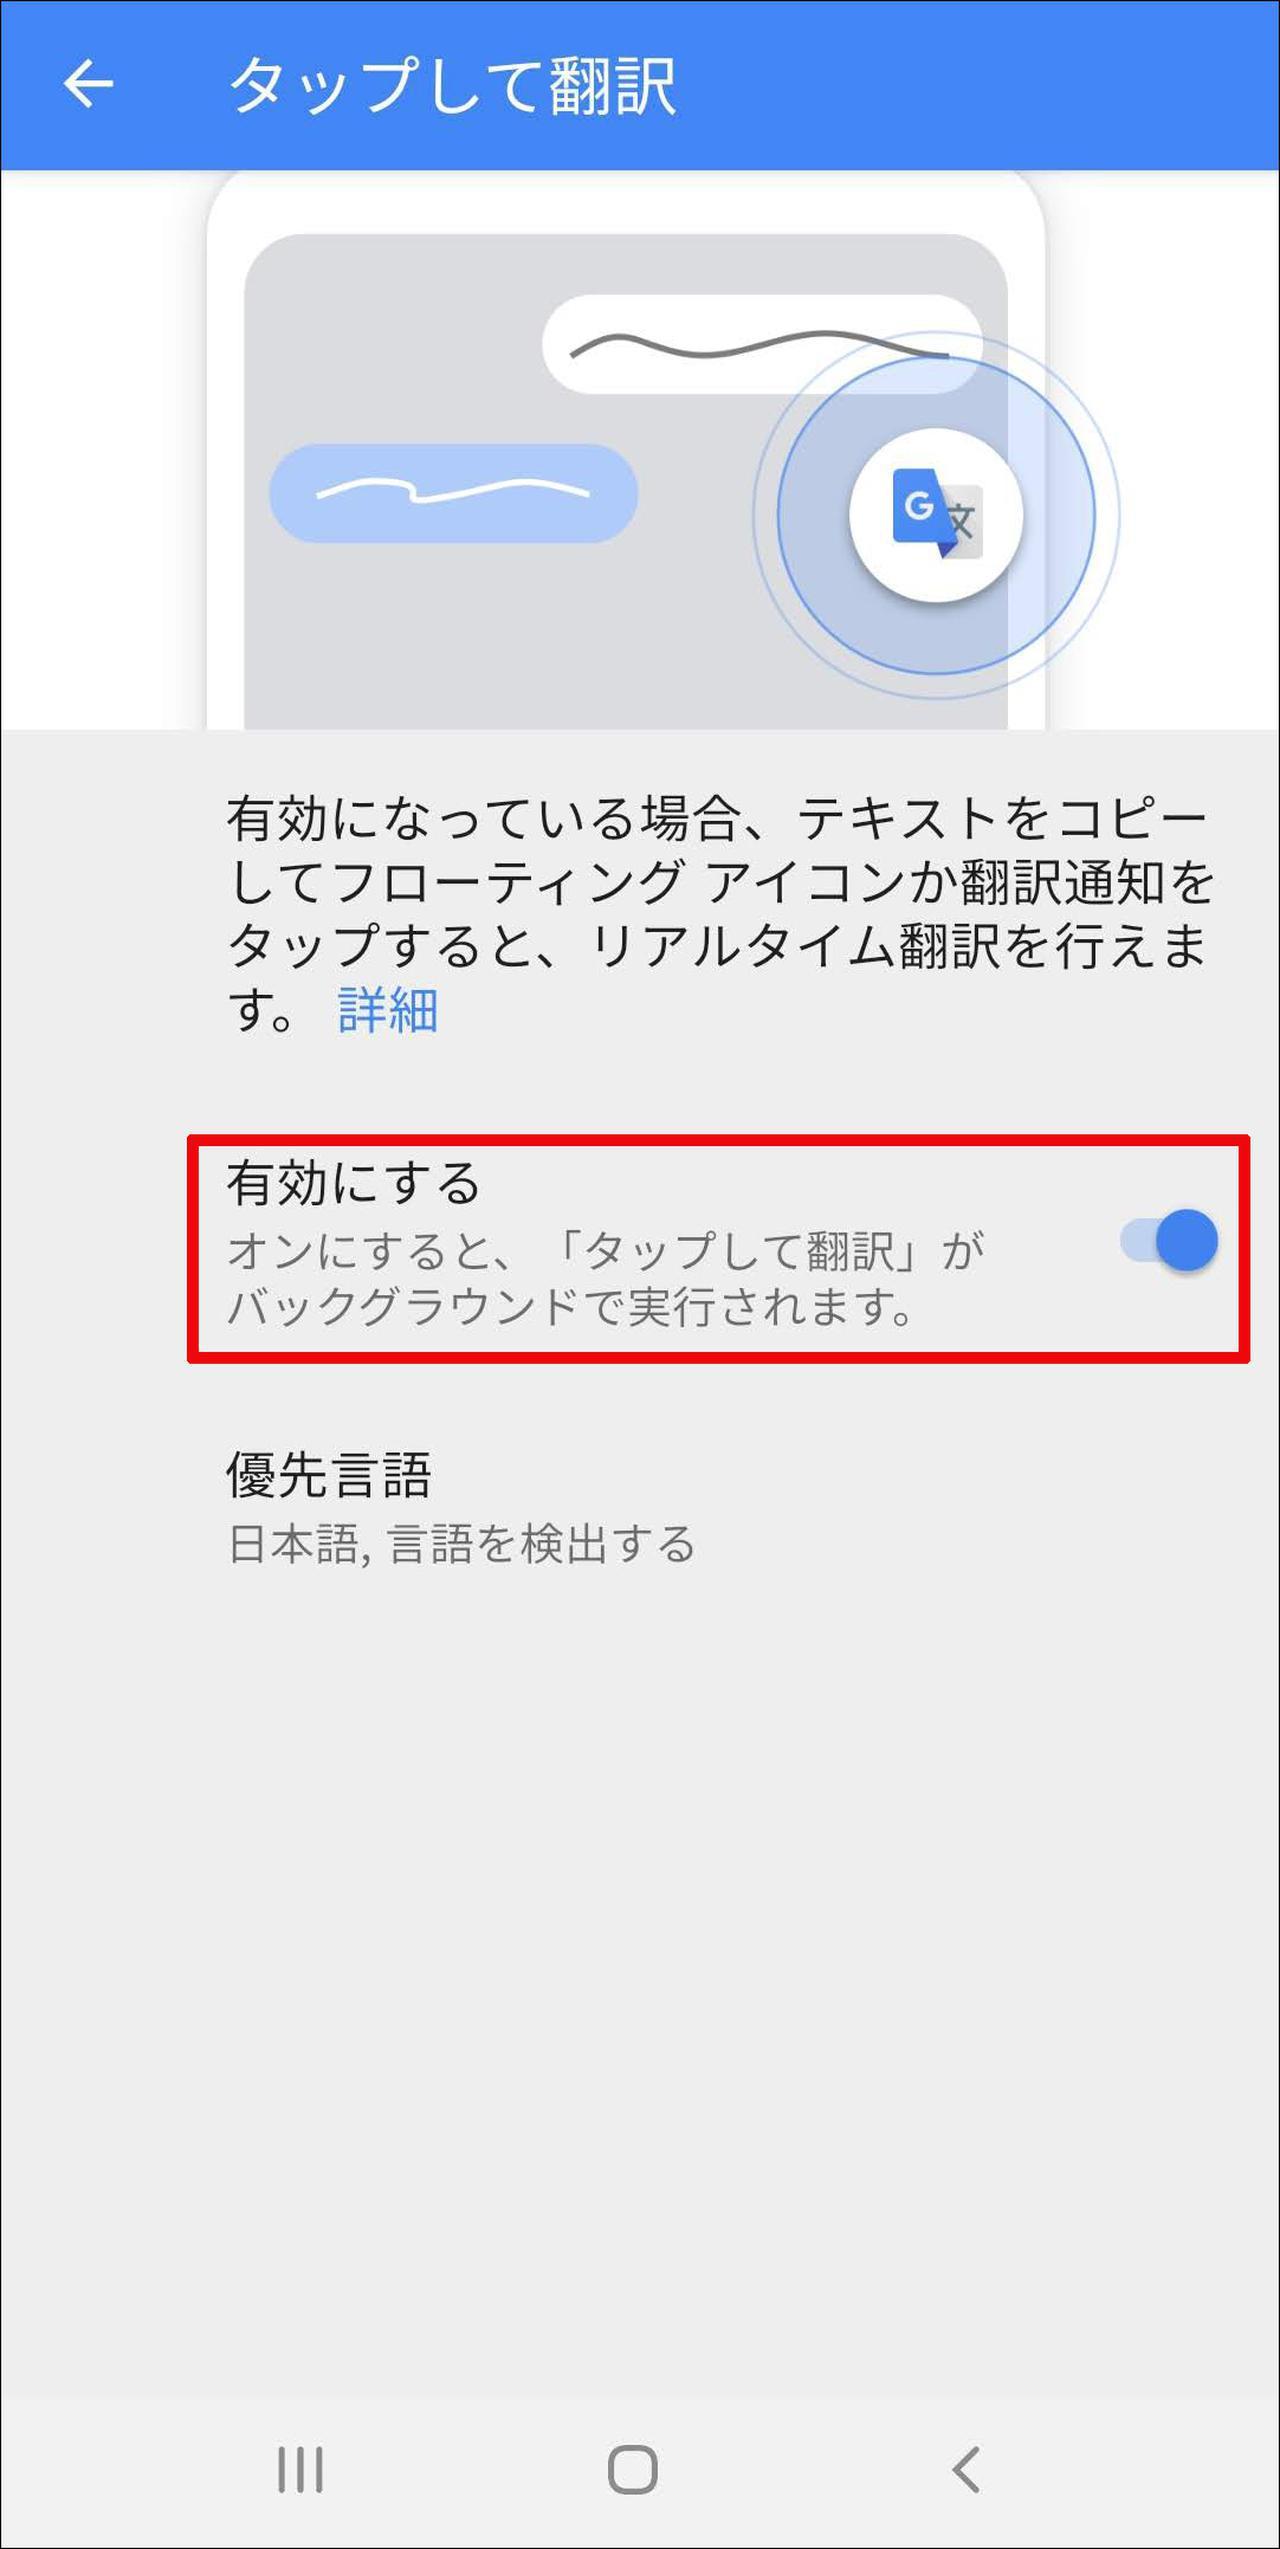 画像4: 【Google翻訳の使い方】オフラインモードやスピード翻訳、リアルタイム翻訳など マスターしておきたい便利ワザ5選